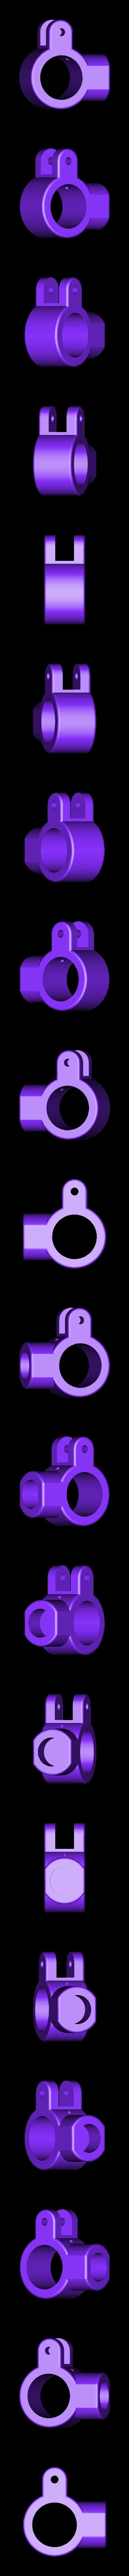 Stangenhalter.stl Télécharger fichier STL gratuit majordome escamotable pour fixation murale • Objet pour impression 3D, kakiemon